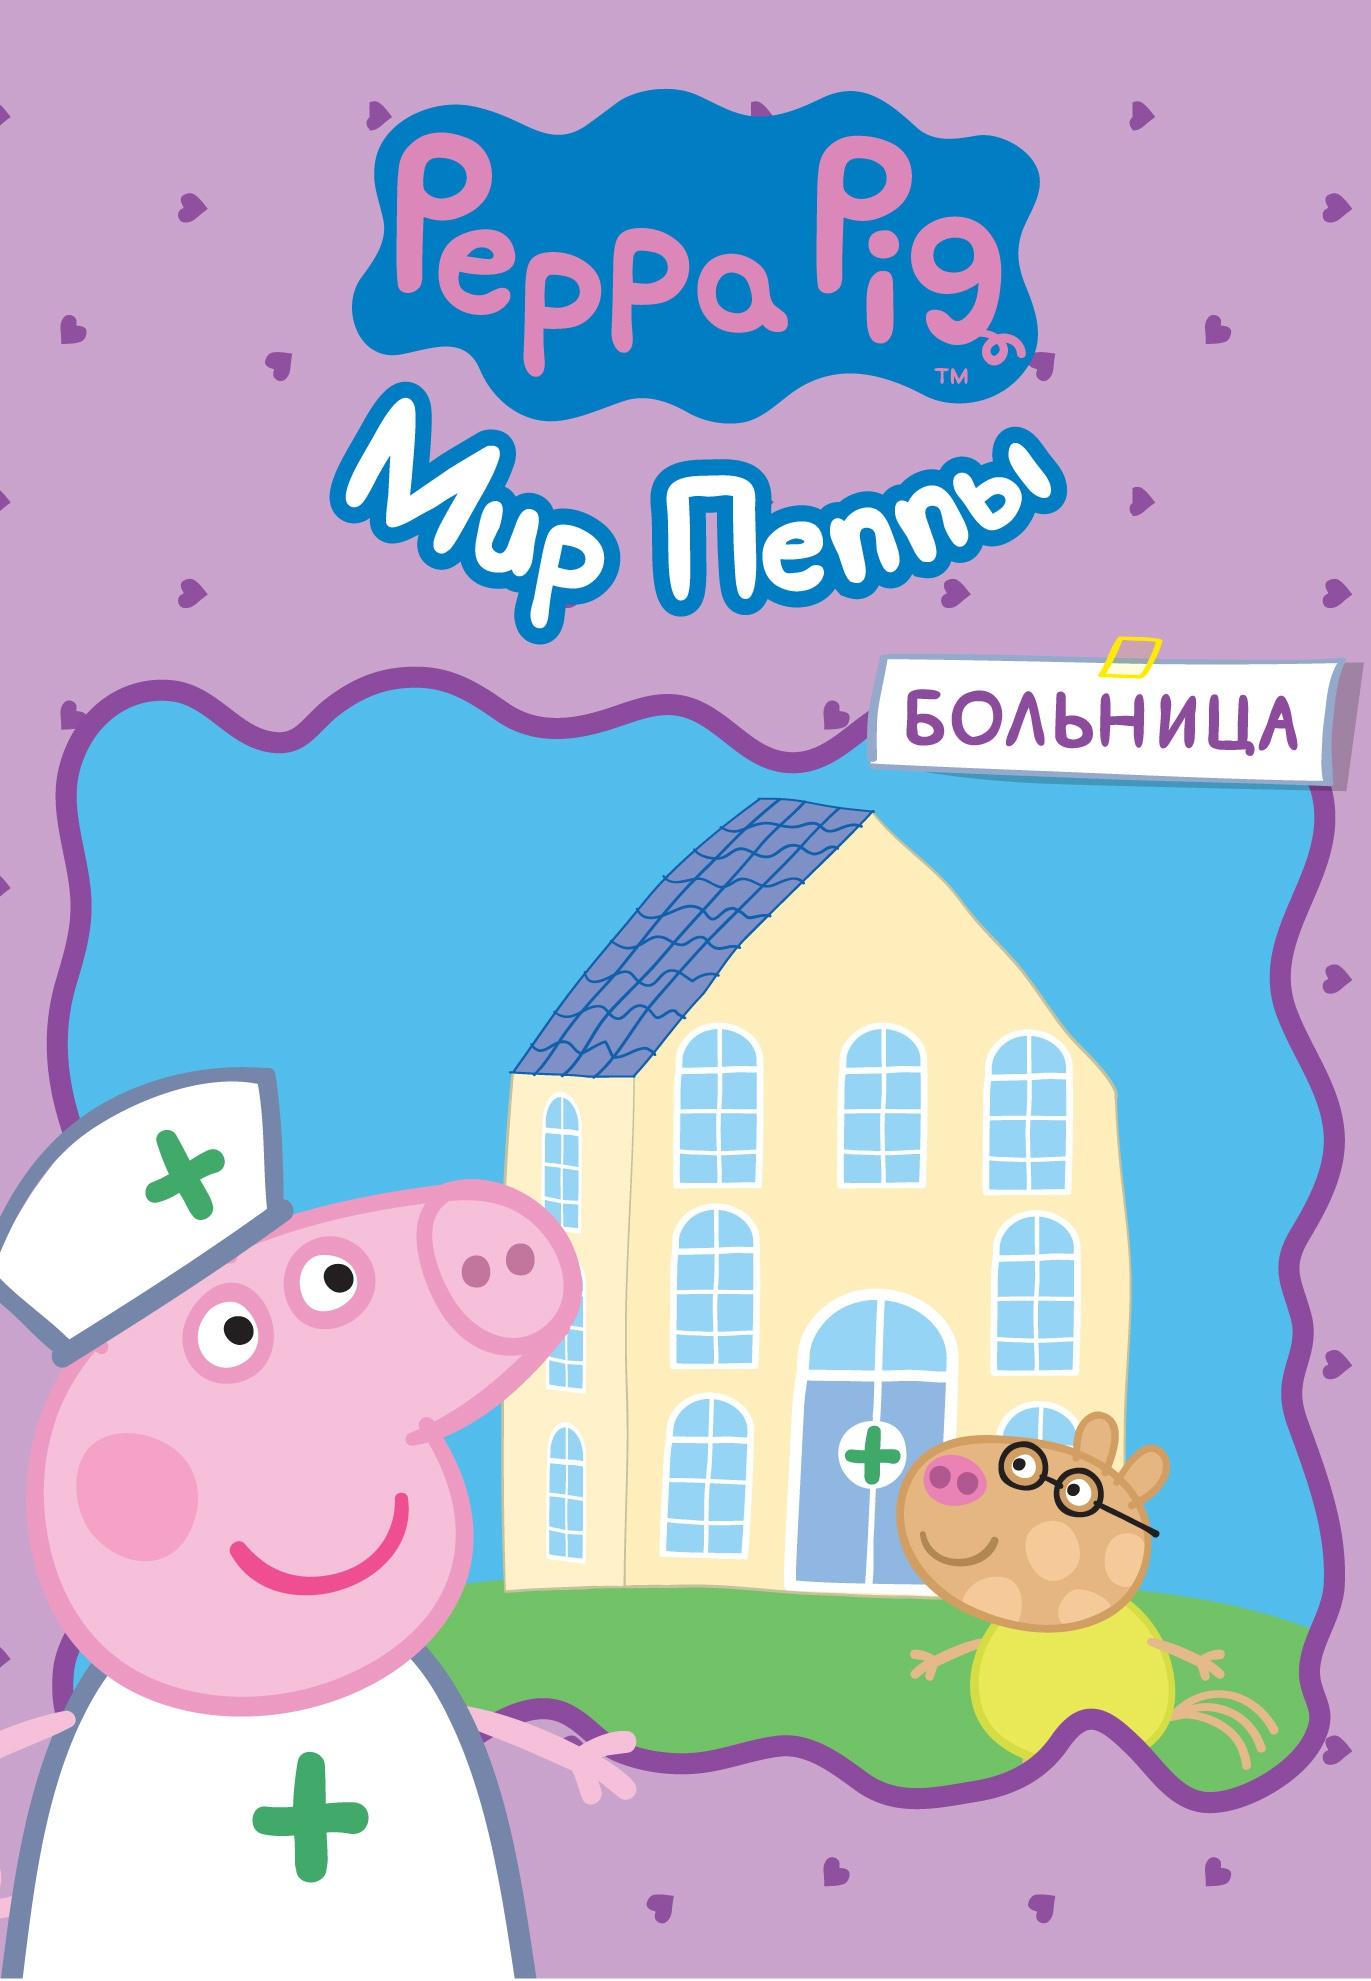 Peppa Pig Peppa Pig Игровой набор Peppa Pig «Мир Пеппы» peppa pig игровой набор спортивная машина 24068 4 фигурки